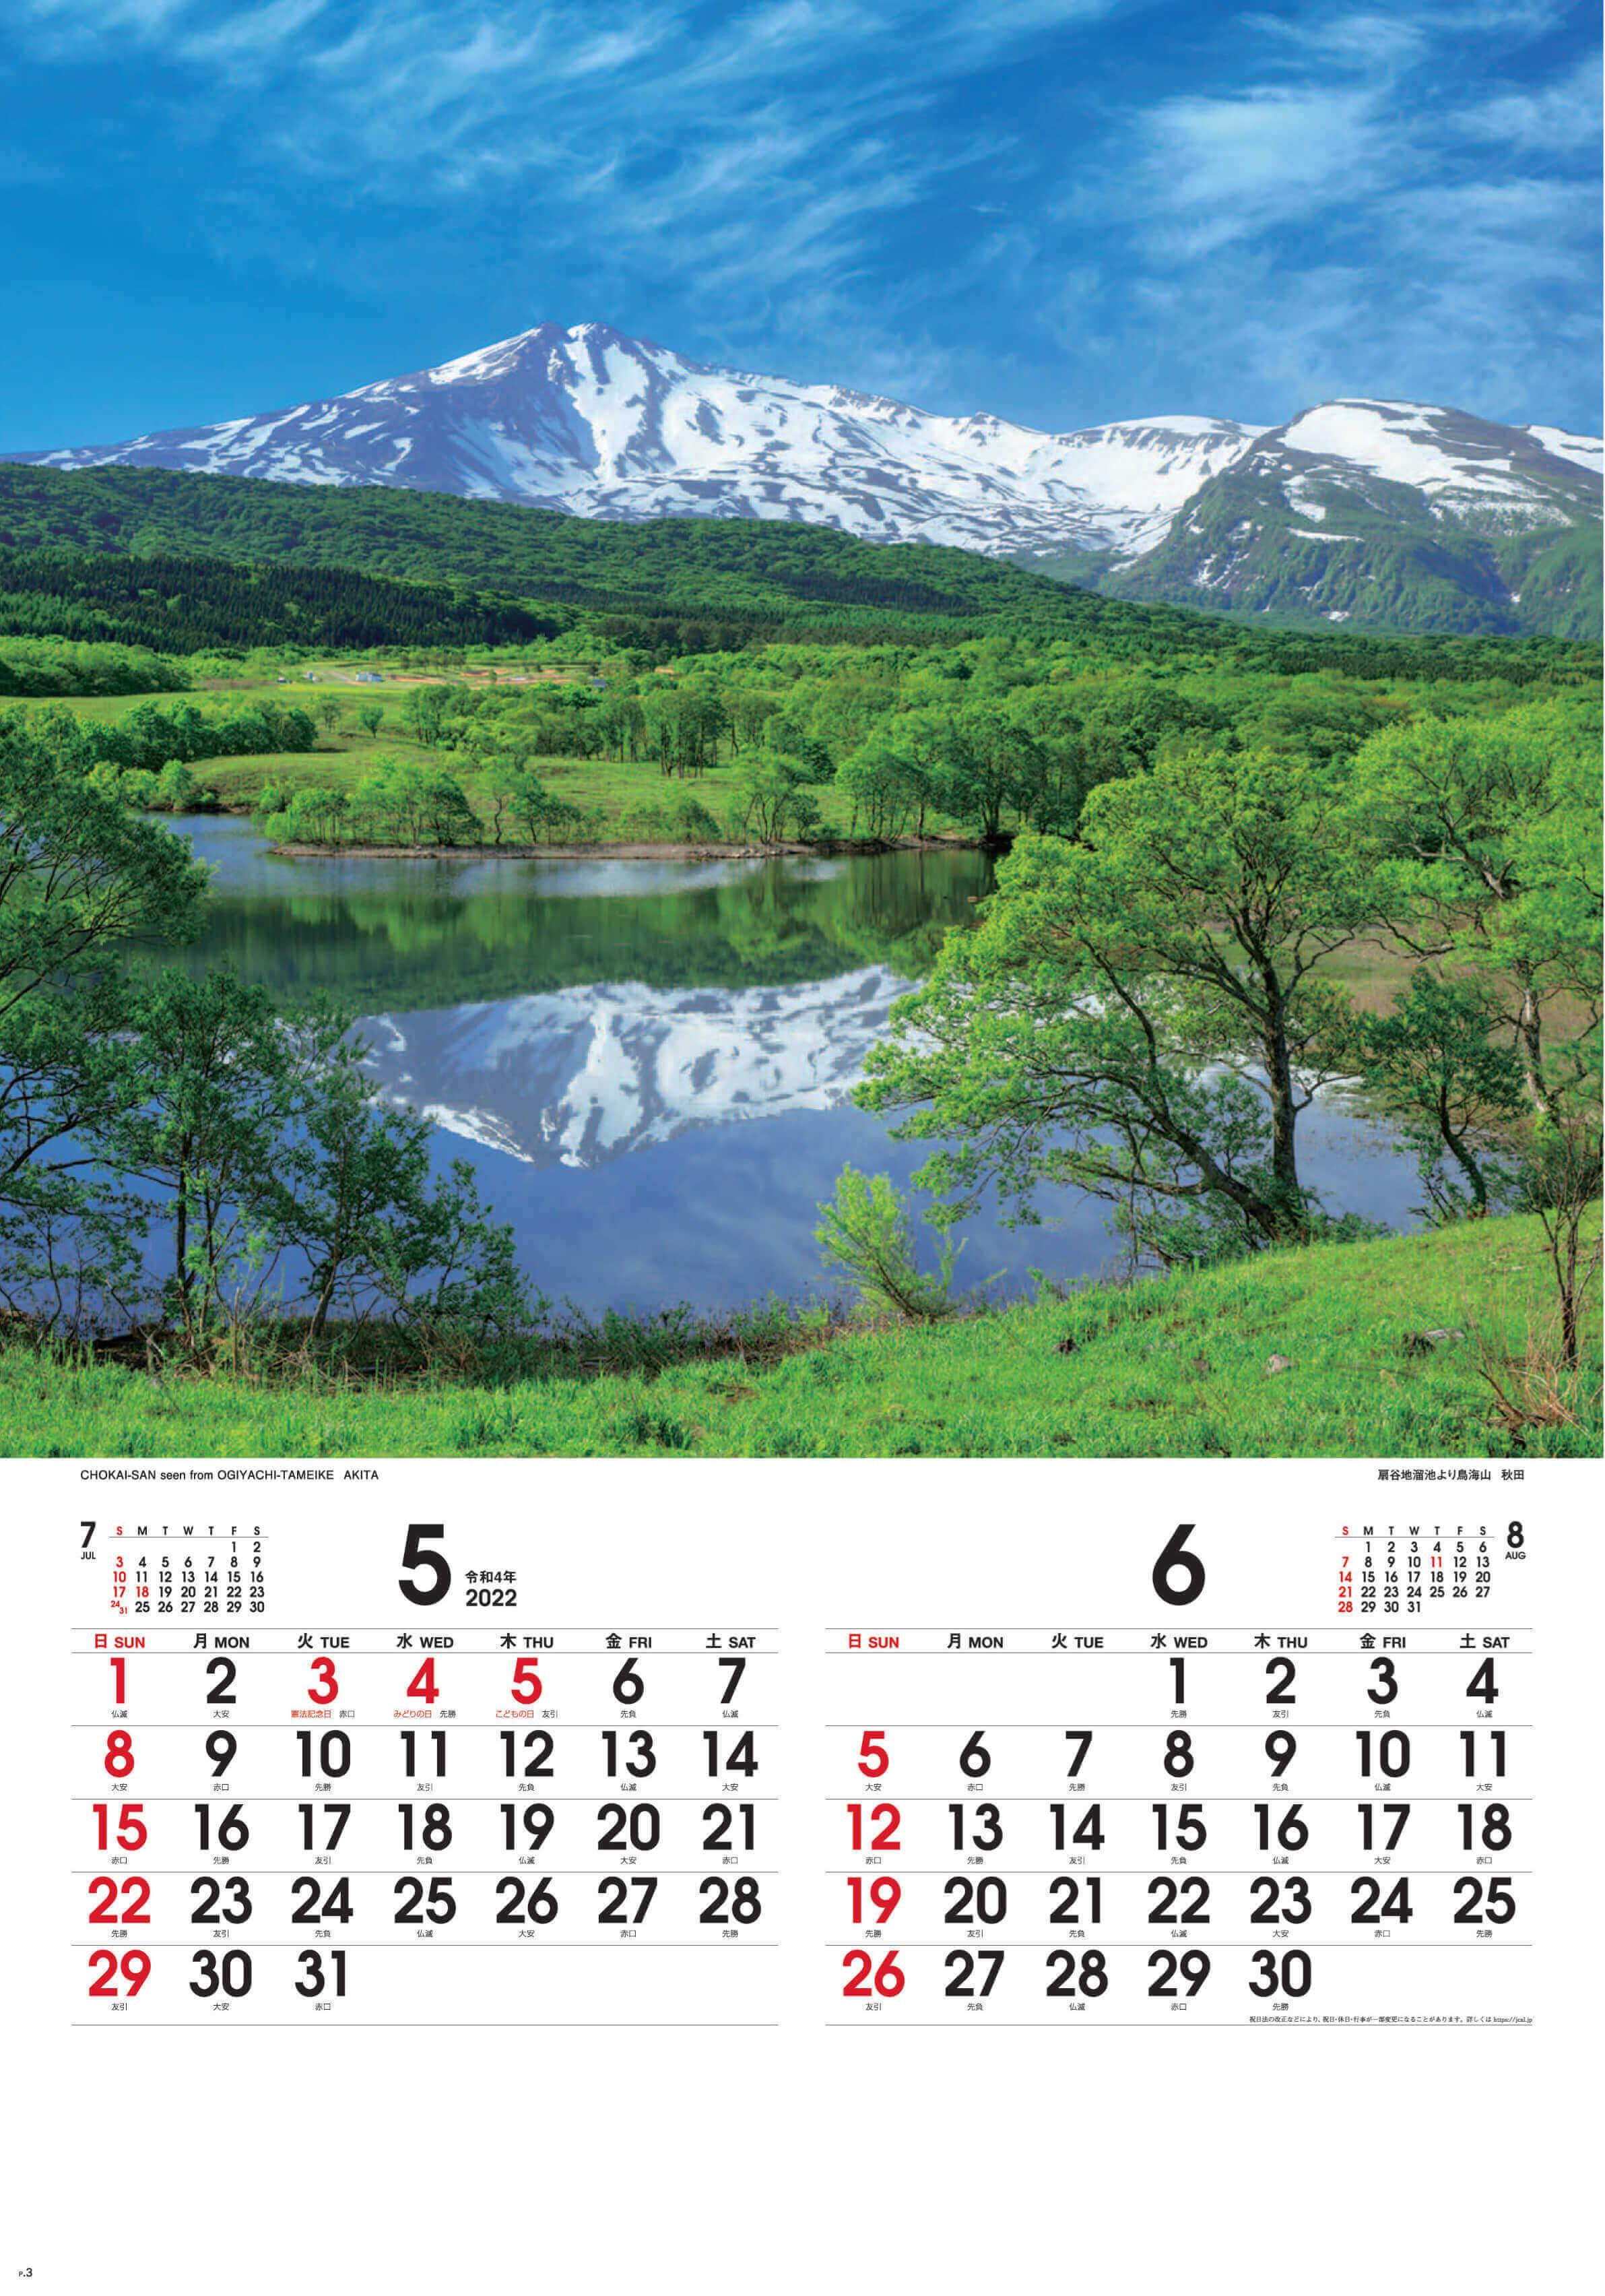 5-6月 扇谷地溜池より鳥海山(秋田) 四季彩峰(フィルムカレンダー) 2022年カレンダーの画像